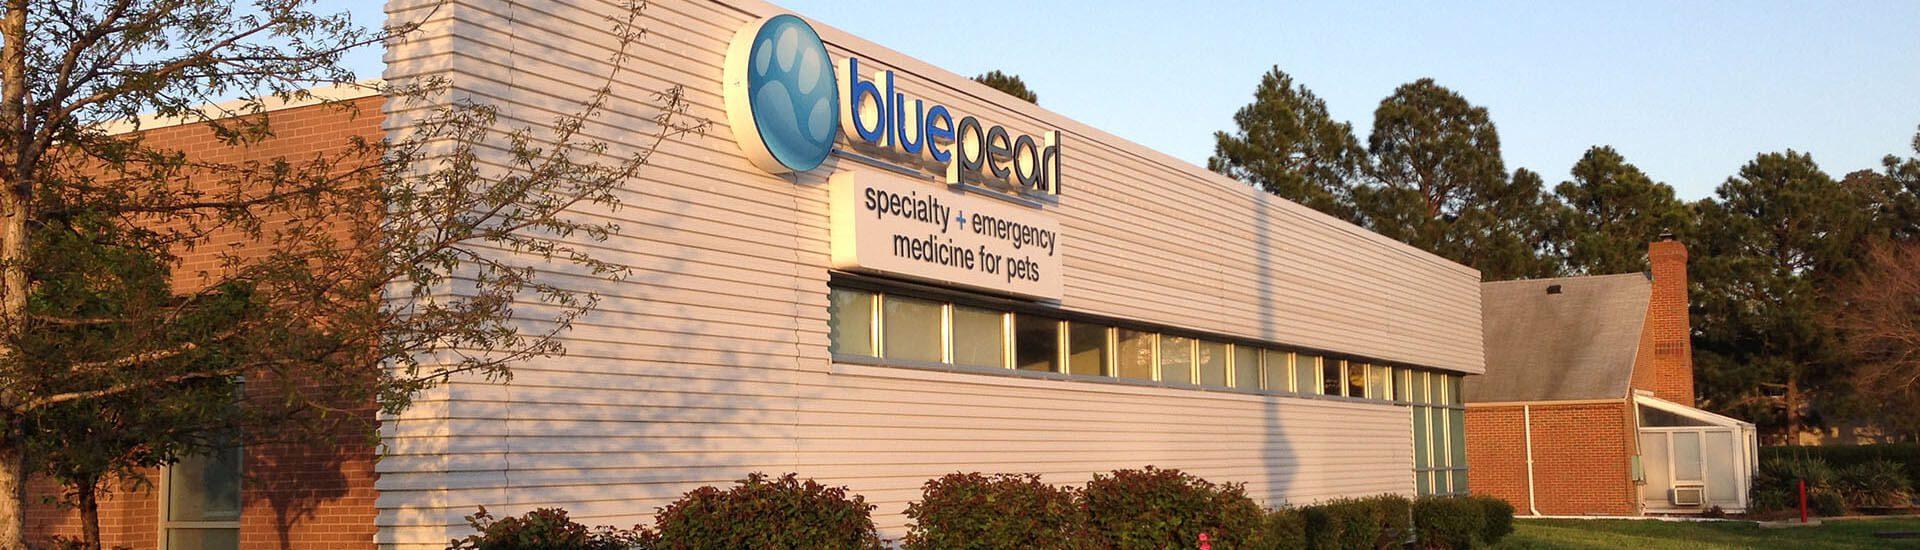 BluePearl Pet Hospital | Virginia Beach, VA | Emergency Vet